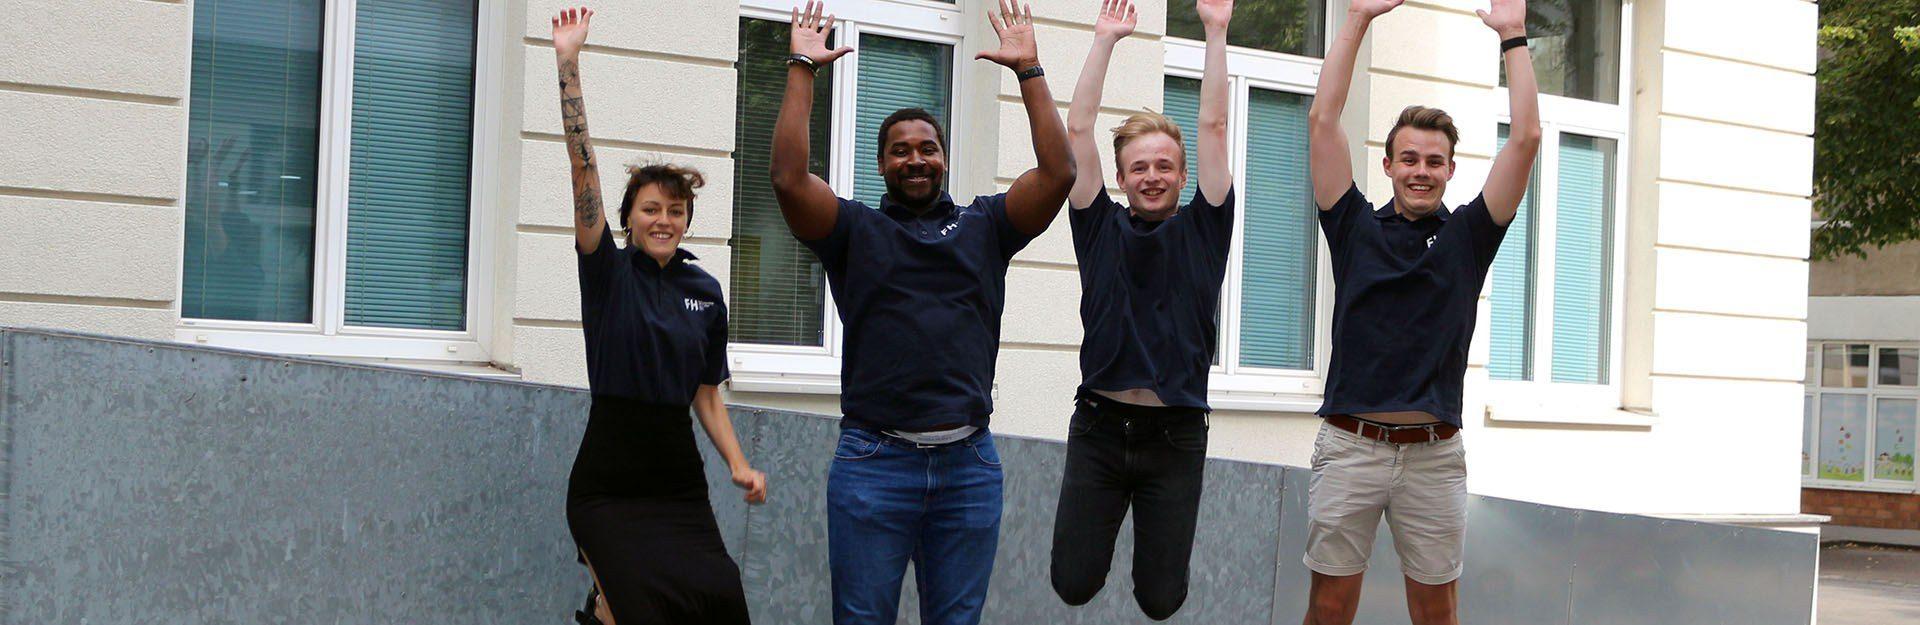 Das erfolgreiche Team des Studiengangs Projektmanagement & IT freut sich.